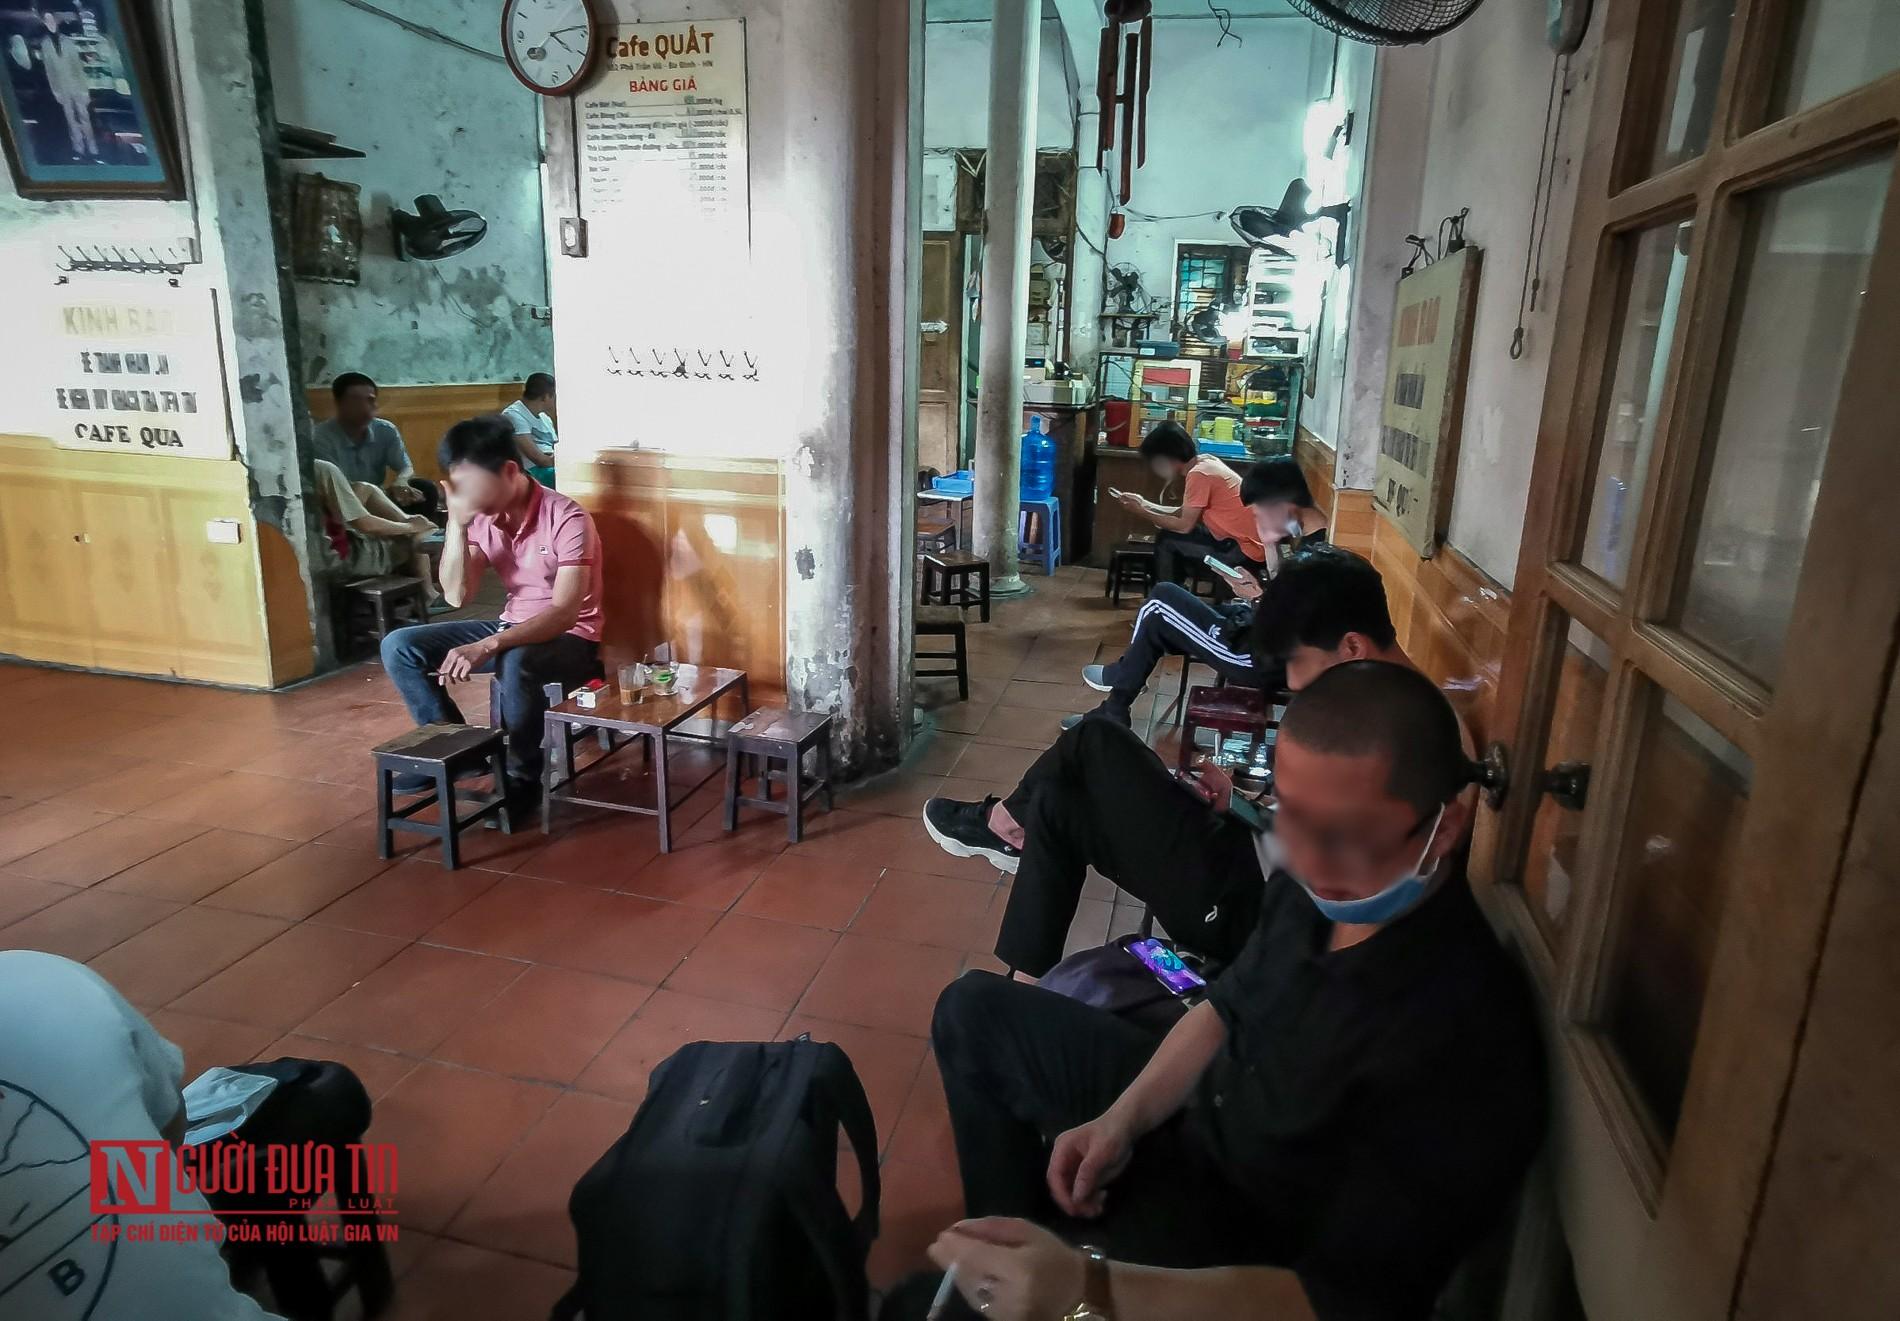 """Hà Nội: Bất chấp """"cách ly toàn xã hội"""", hàng quán ngang nhiên mở cửa đón khách - Ảnh 4"""